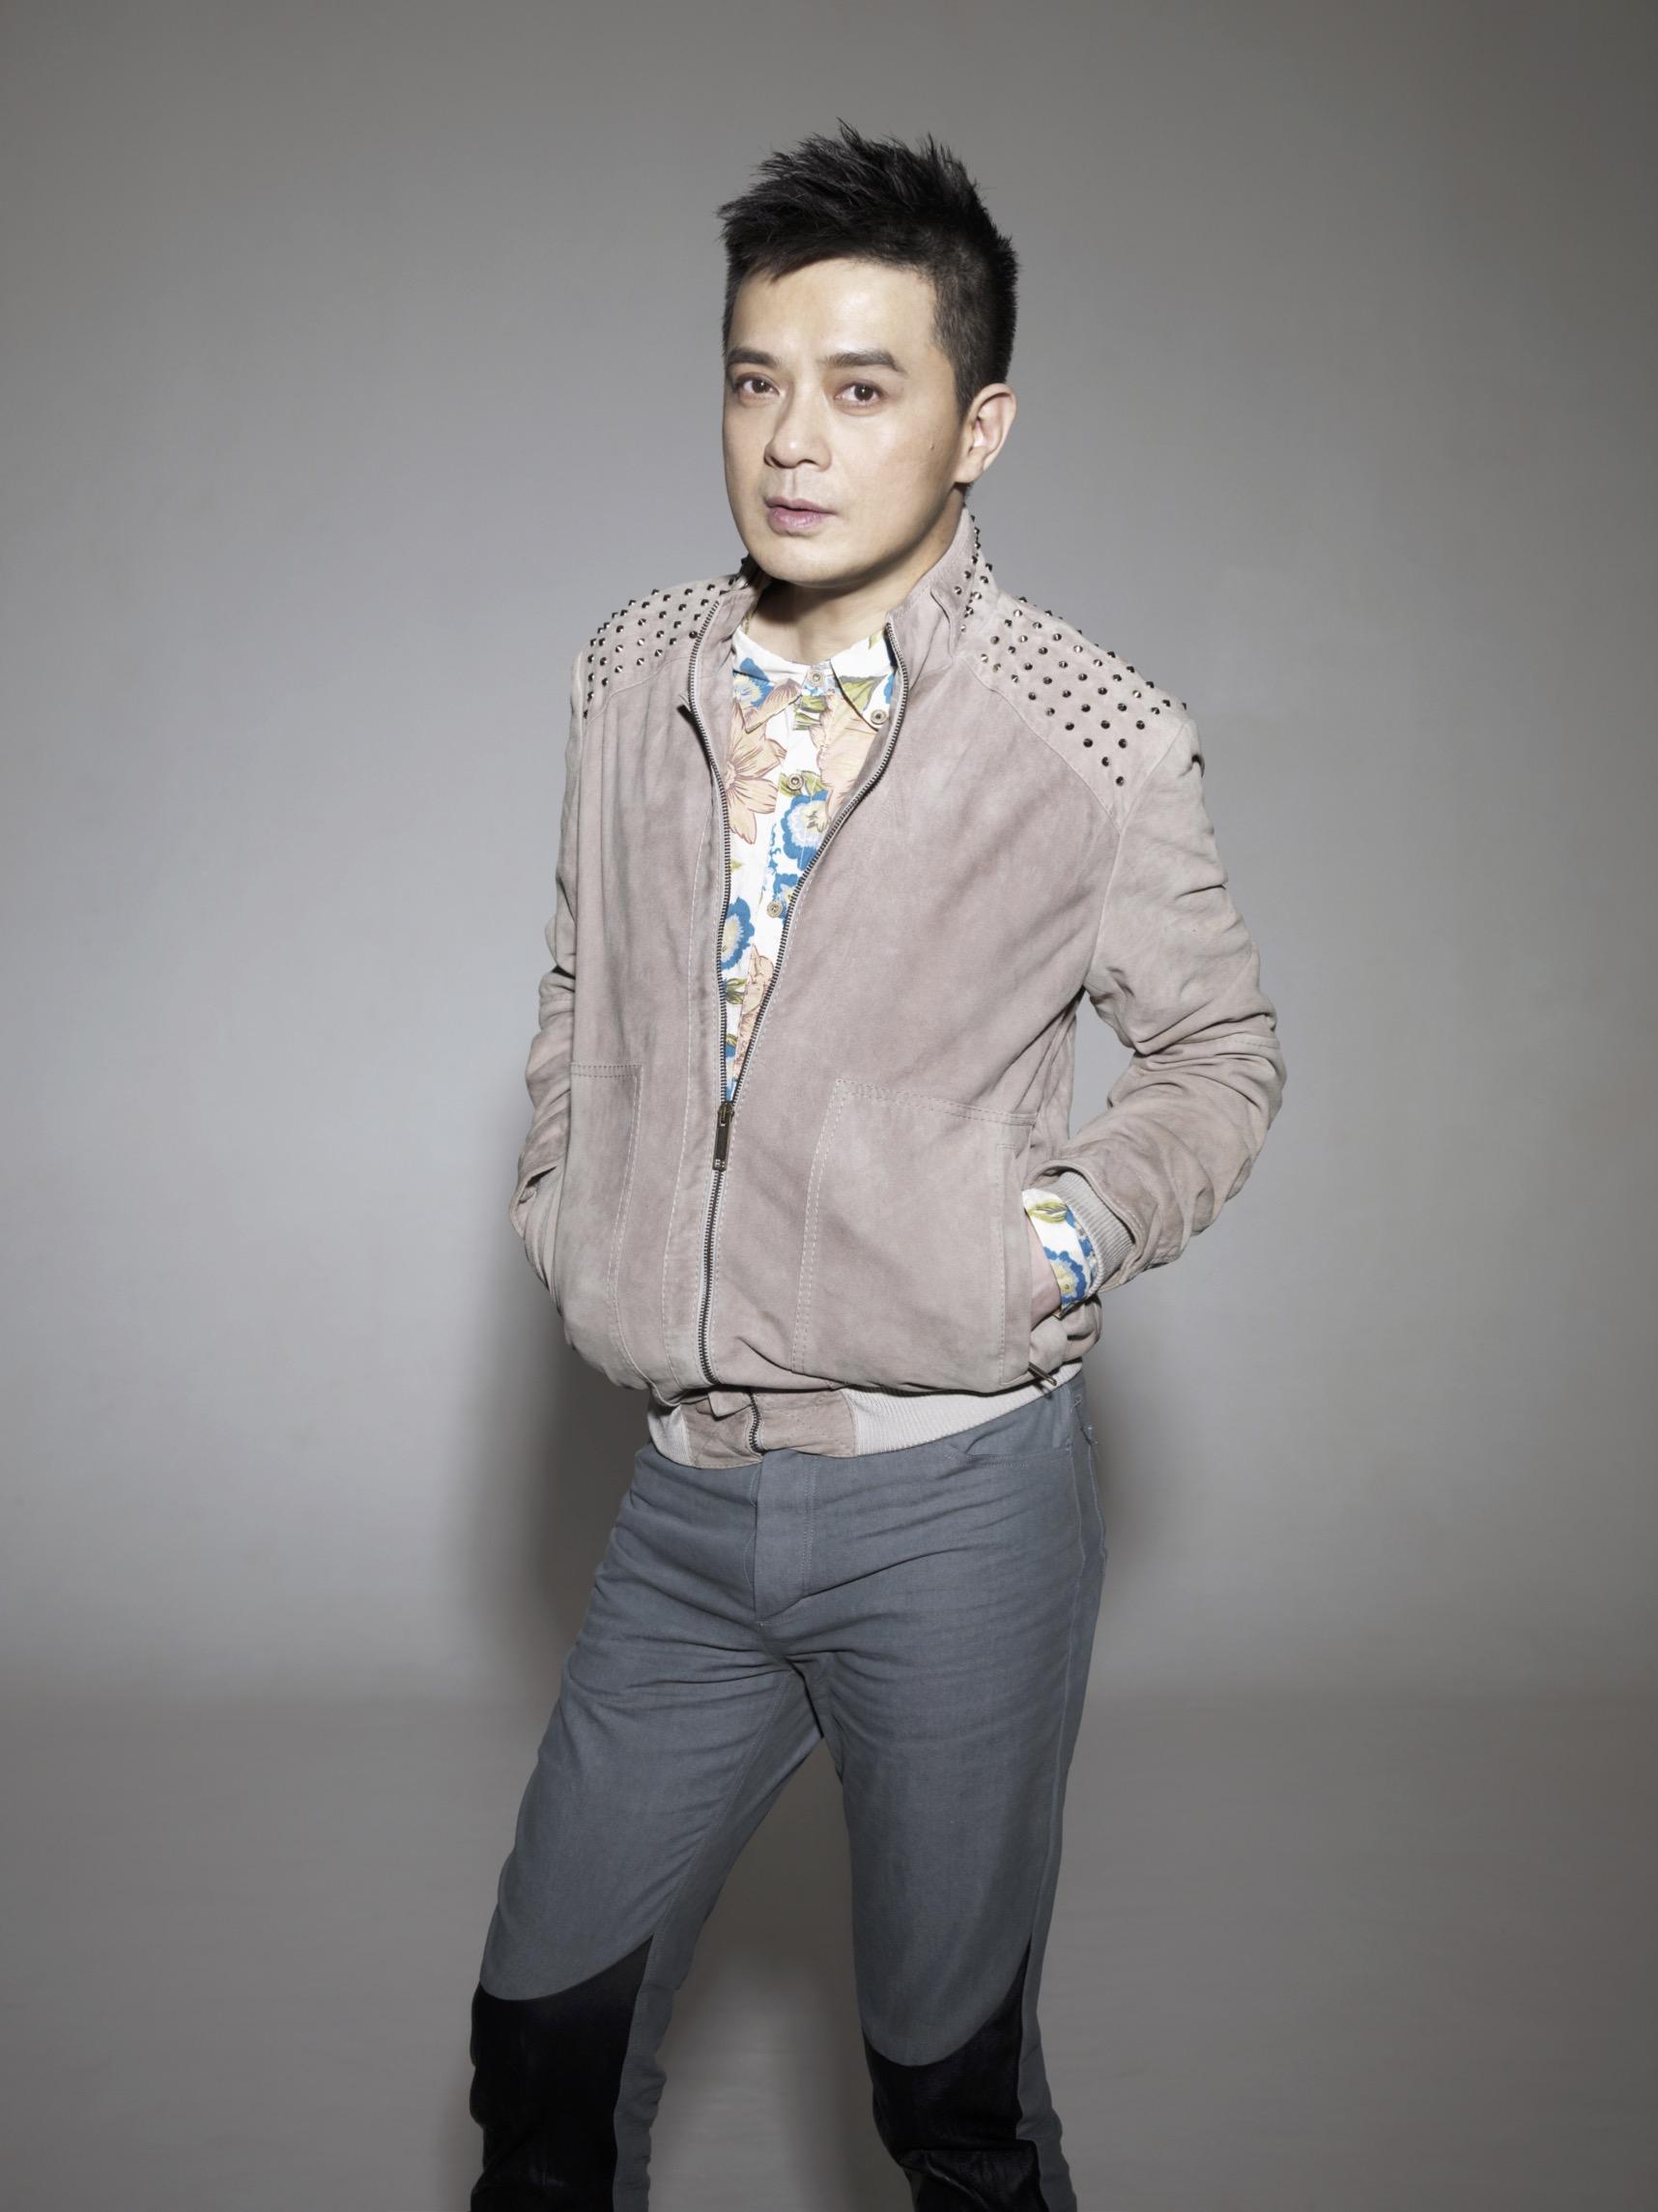 著名歌手 黃耀明先生